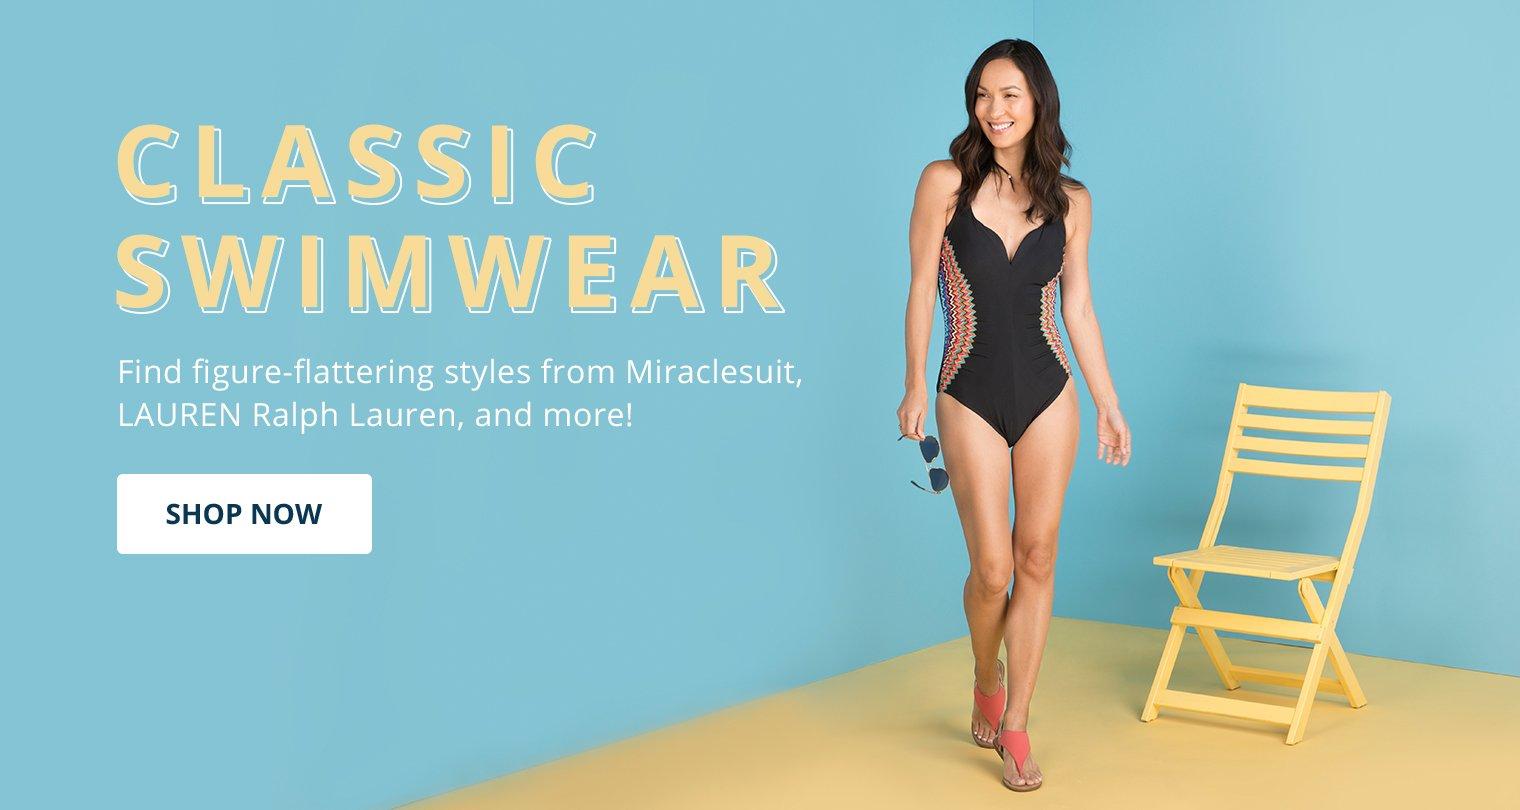 Classic Swim. Fine figure-flattering styles from Miraclesuit, LAUREN Ralph Lauren, and more! Shop Now.